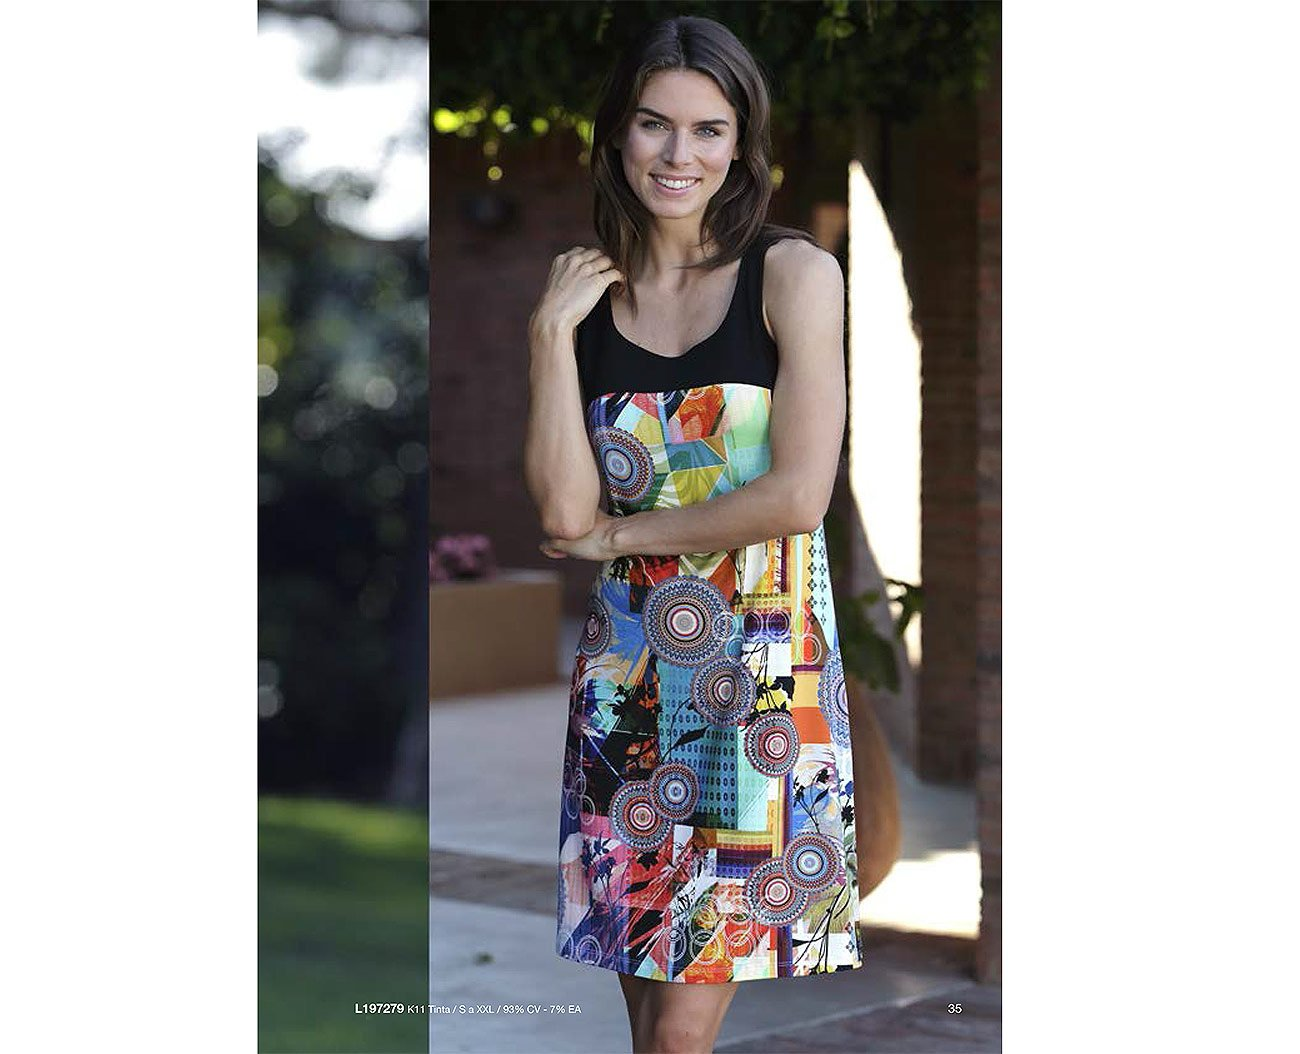 Massana L197279 sukienka tinta playera mujer tirantes